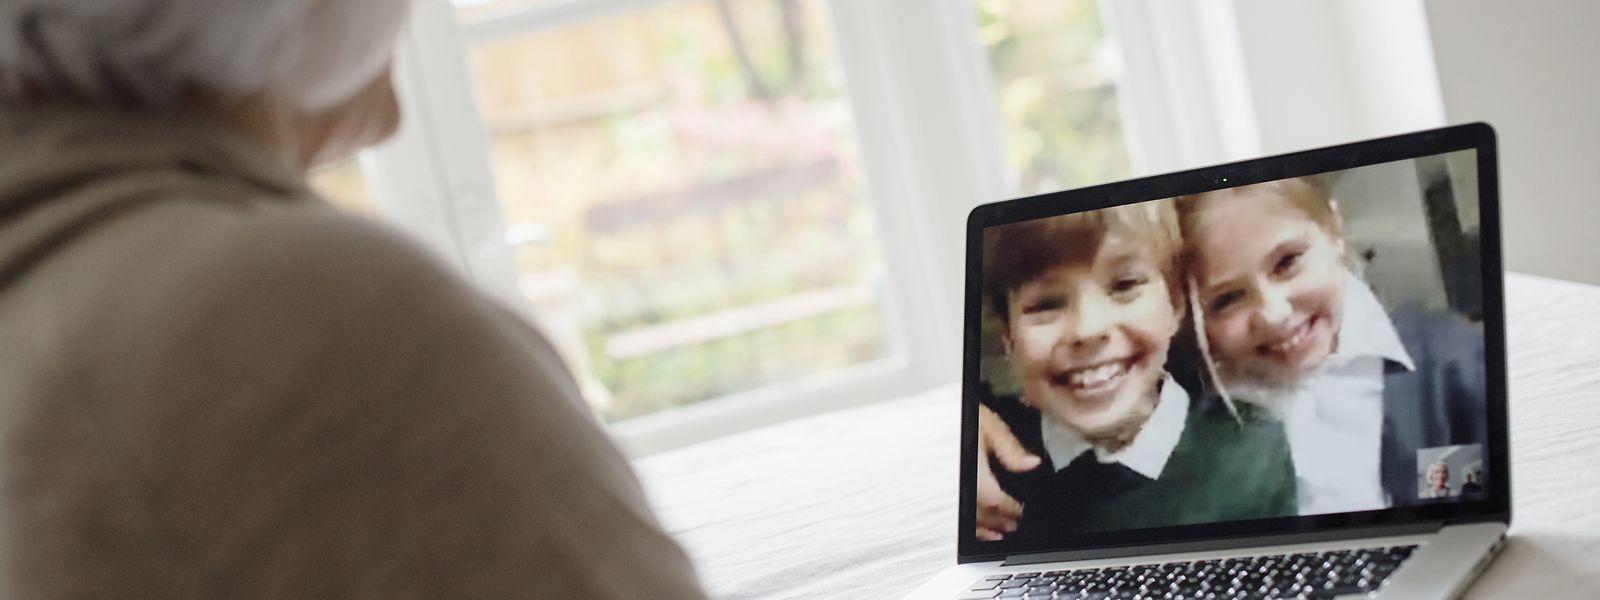 Nicht nur das Telefon ist in diesen Zeiten Gold wert. Auch per Videotelefonie halten viele Senioren mit ihrer Familie den Kontakt.